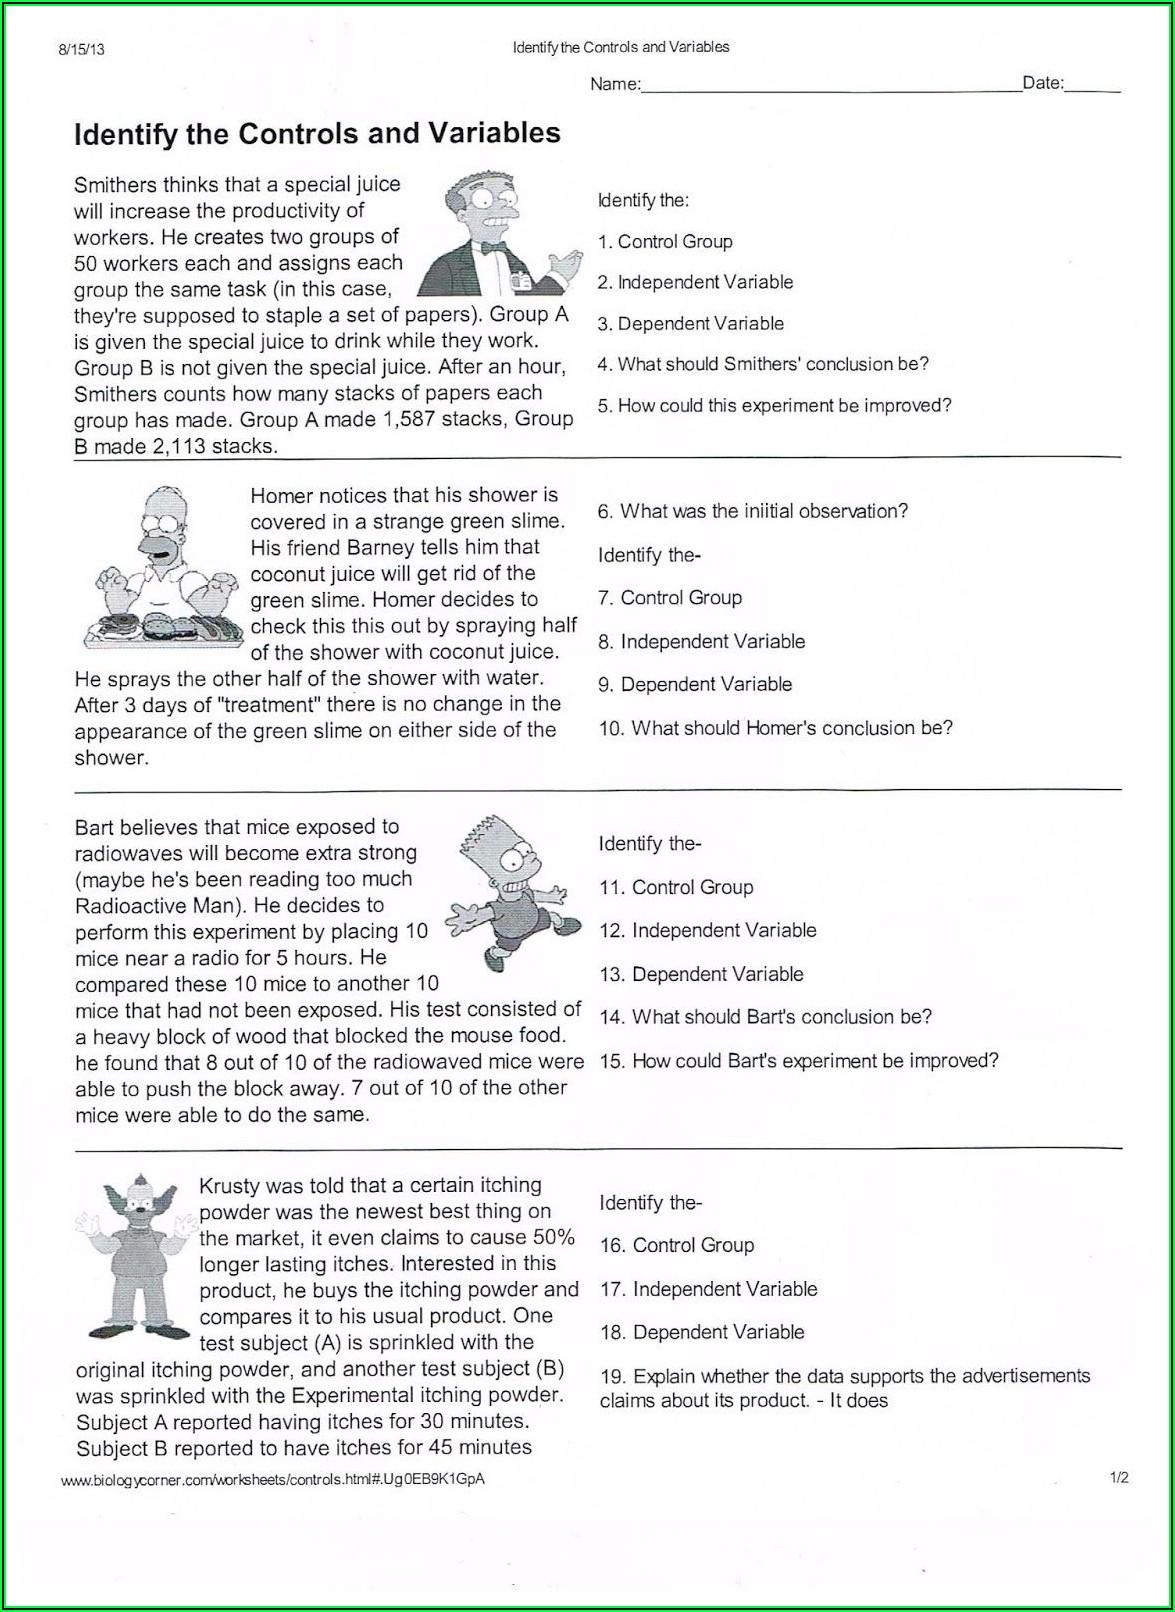 Scientific Method Practice Worksheet Answer Key